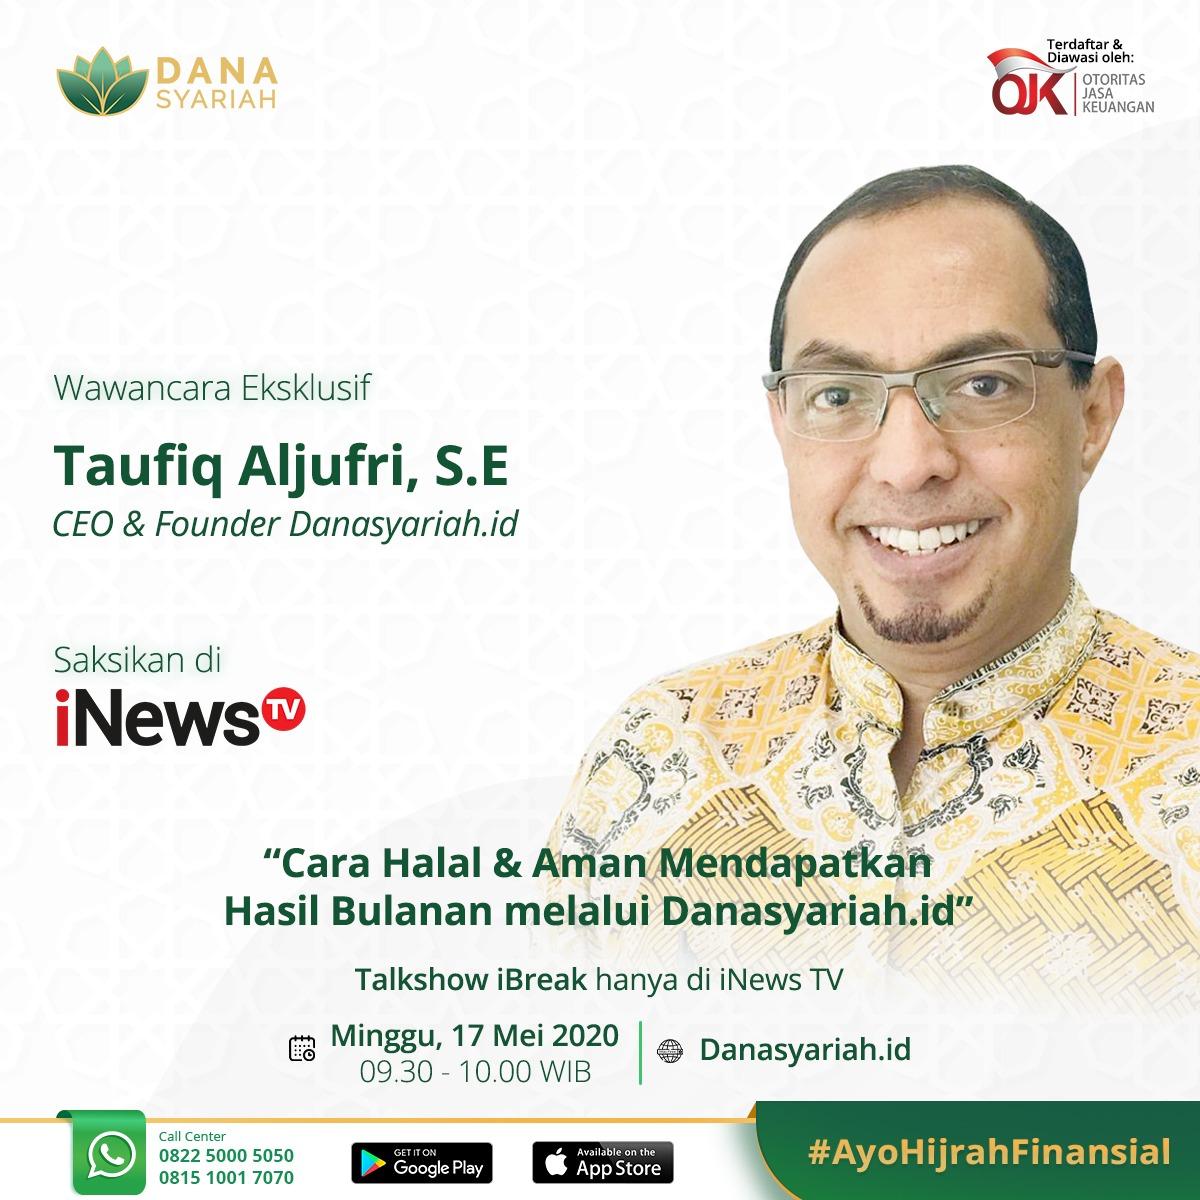 Dana Syariah Cara Halal dan Aman Mendapatkan Hasil Bulanan Melalui Danasyariah.id - Talkshow iNews TV